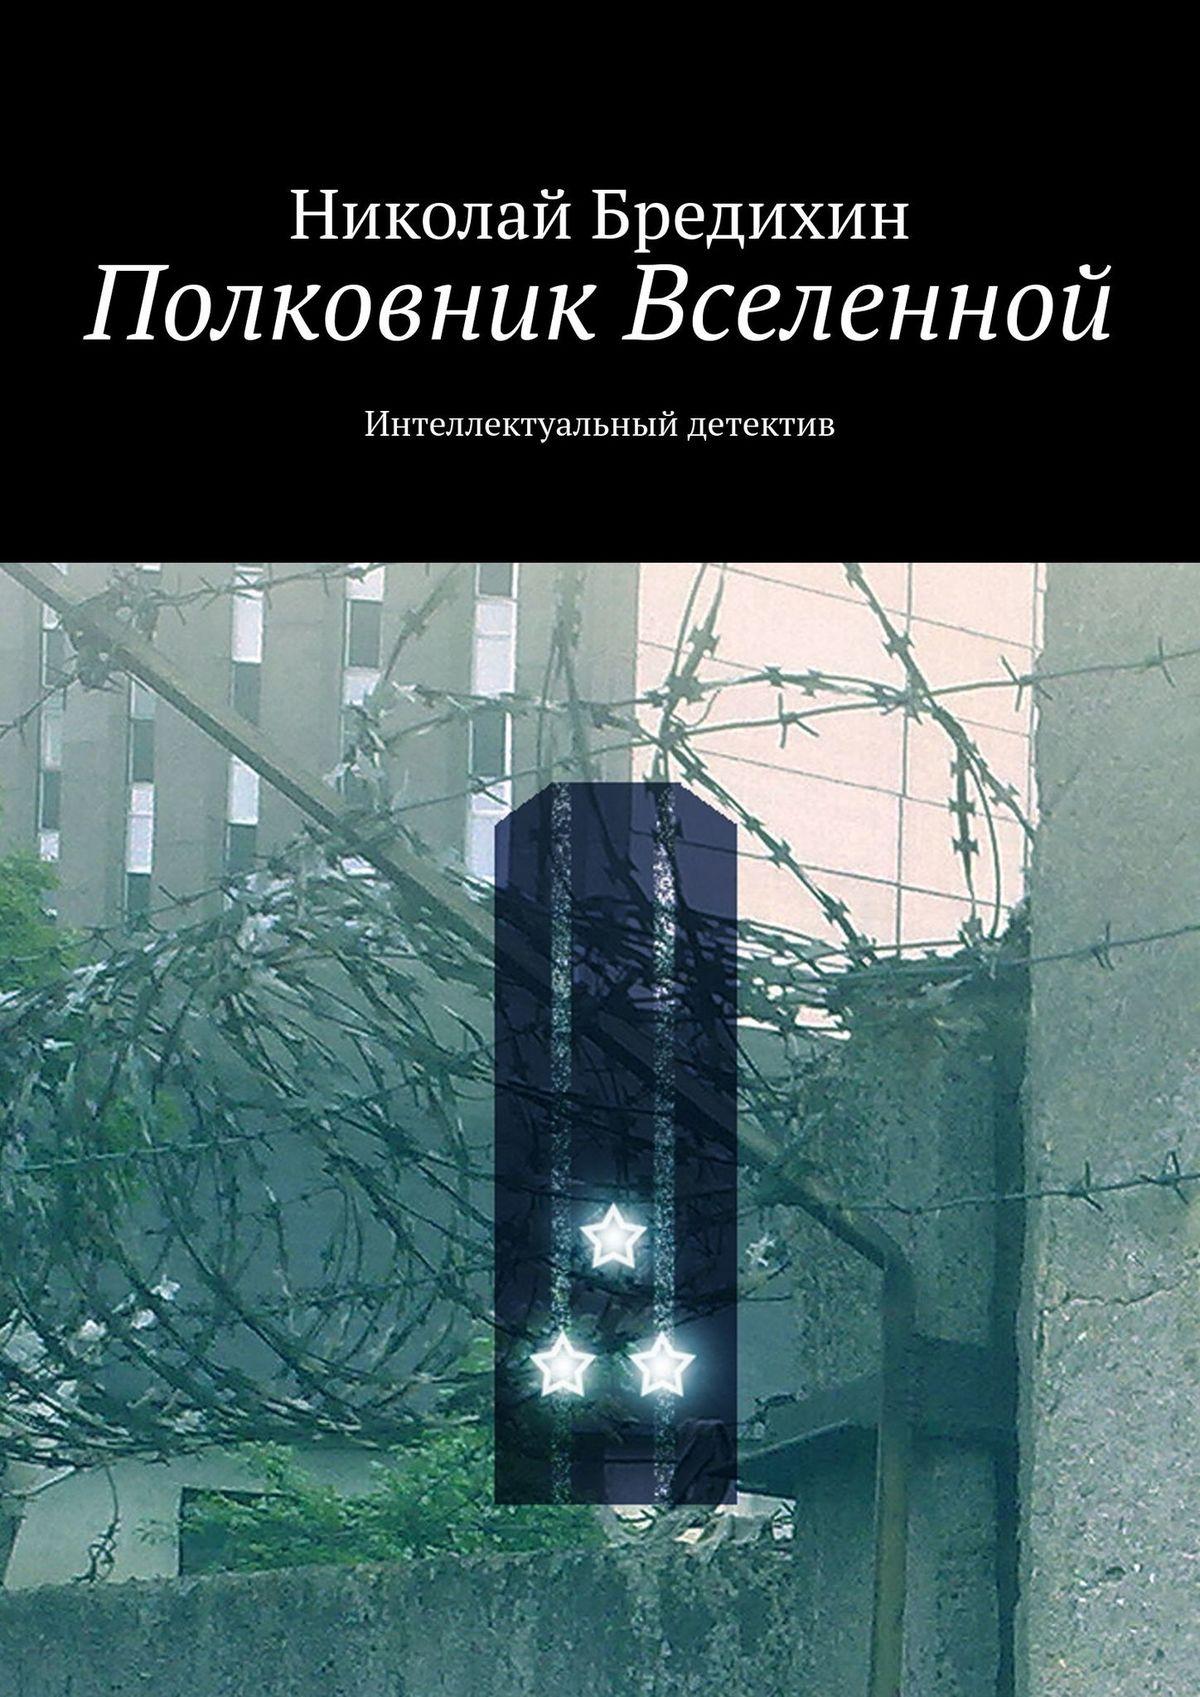 Фото - Николай Бредихин Полковник Вселенной. Интеллектуальный детектив александр груздев интеллектуальный анализ